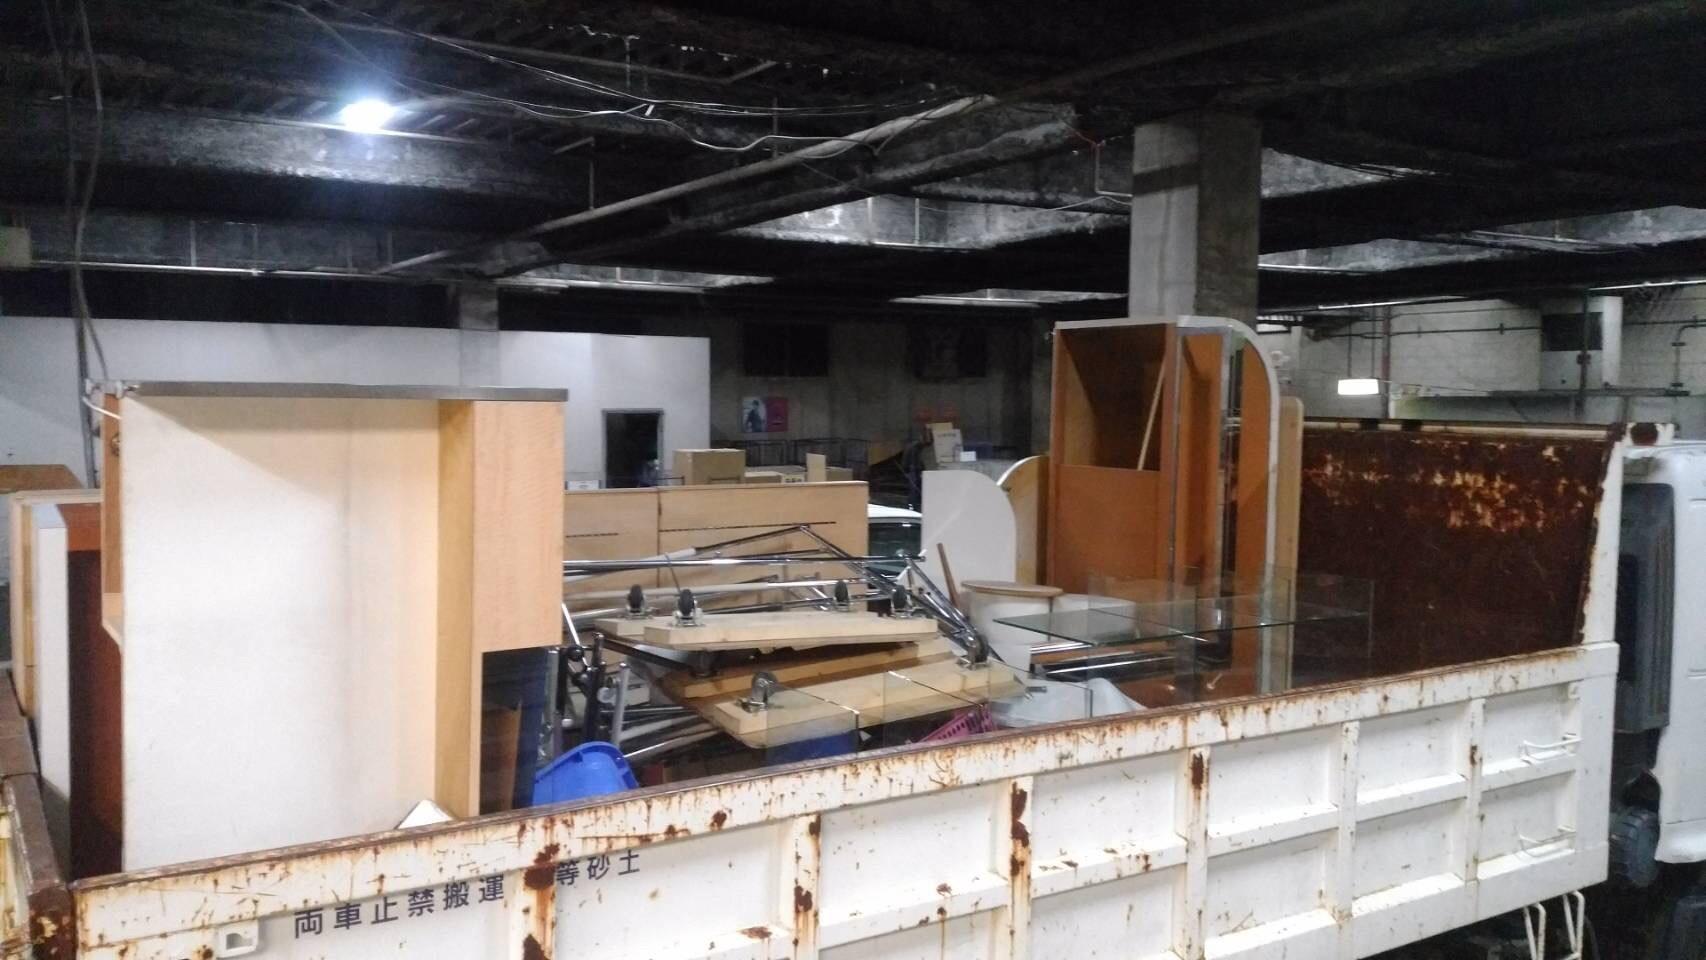 熱田区 ショッピングセンター内 ショップ什器撤去のアイキャッチ